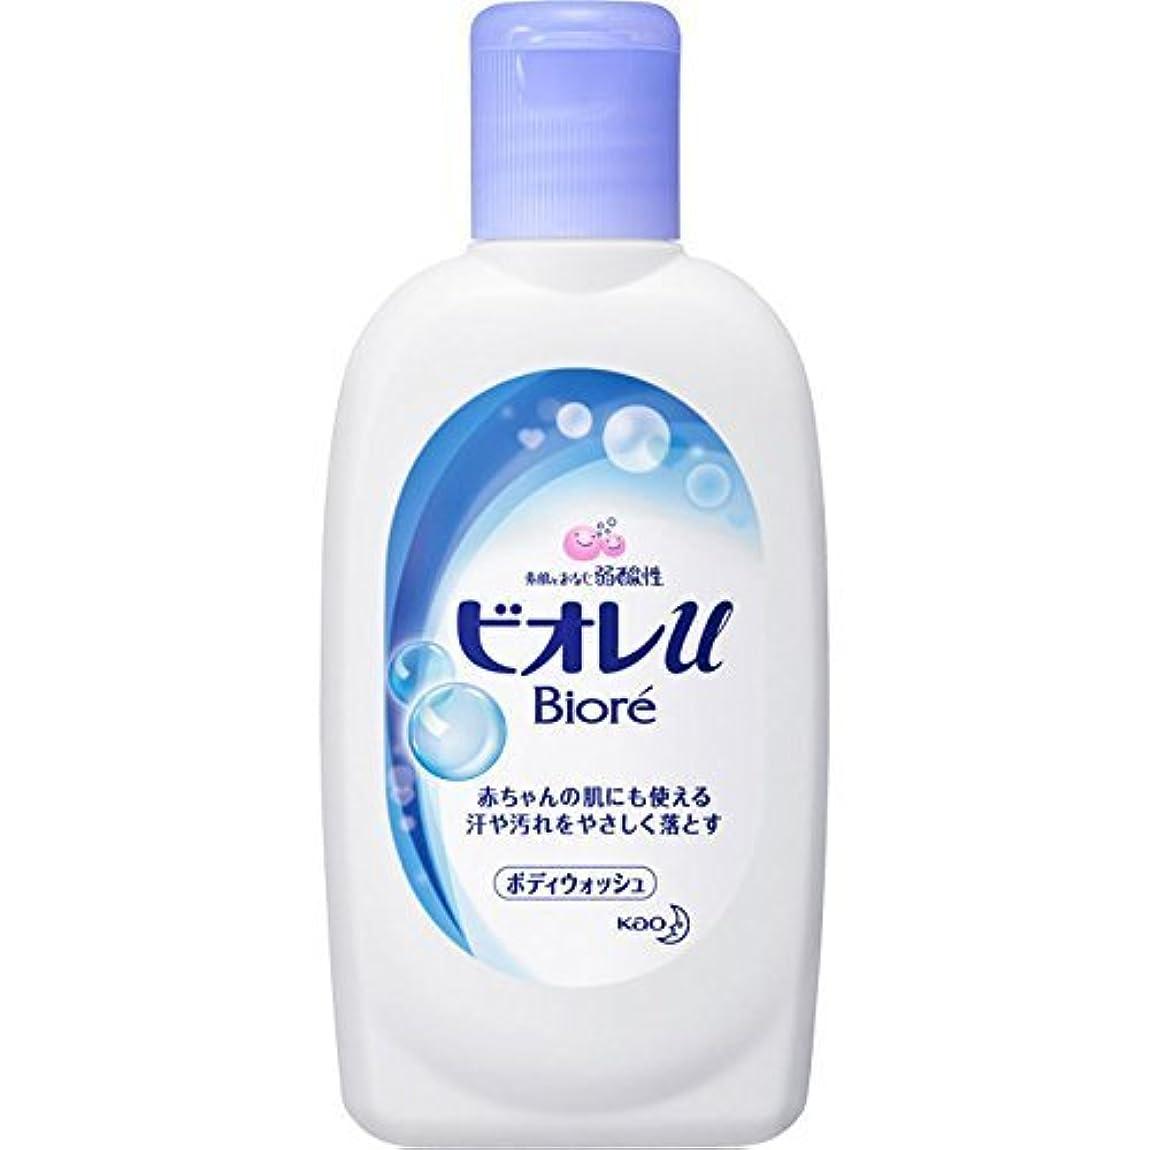 スーパーマーケットパラダイス運営【花王】ビオレu ミニフレッシュフローラルの香り 90ml ×10個セット